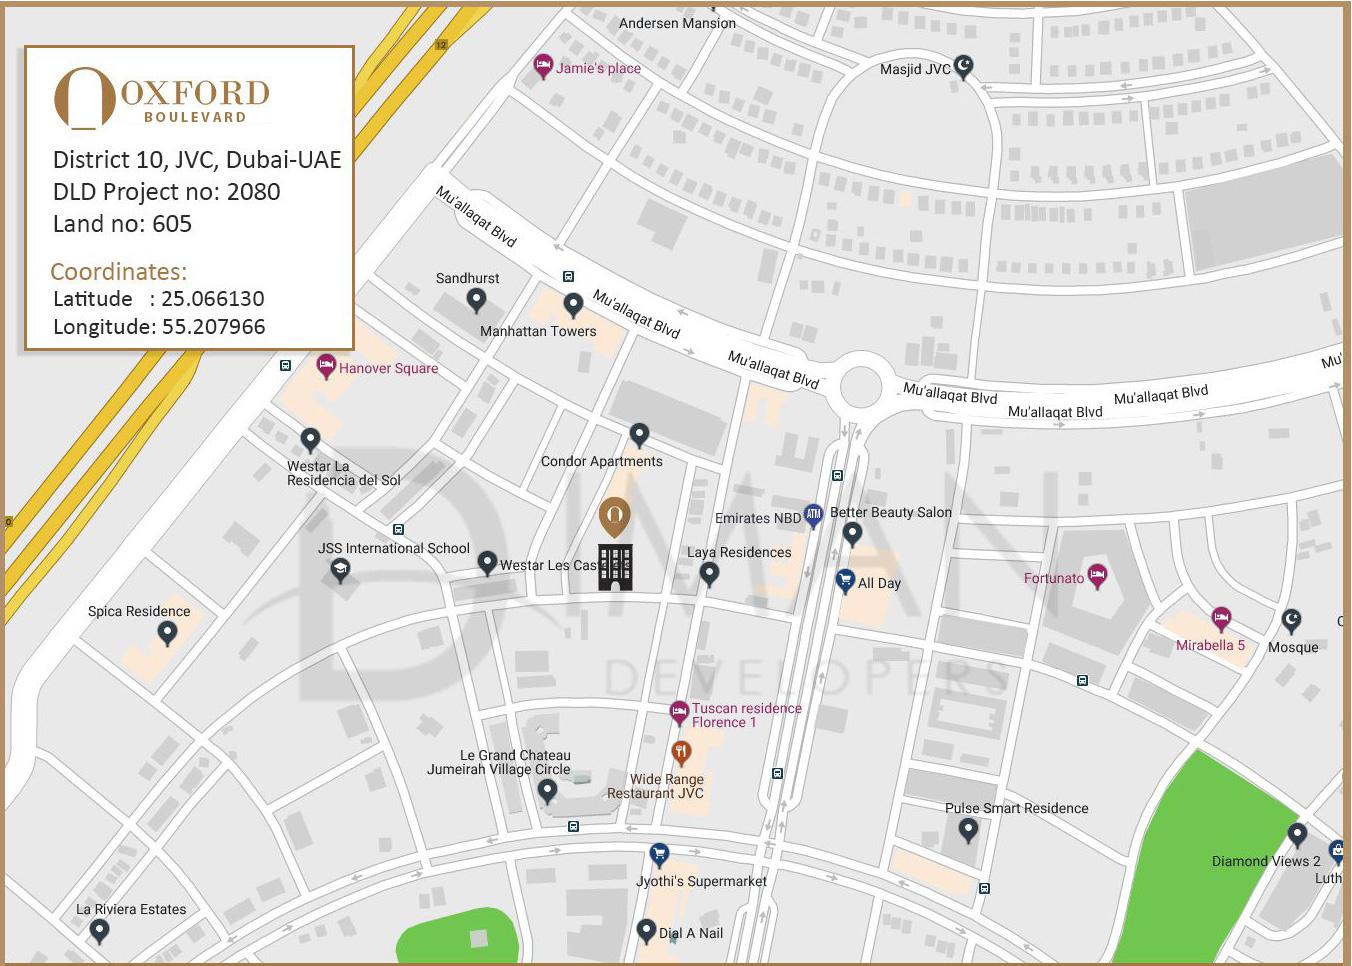 أوكسفورد-بوليفارد خريطة الموقع